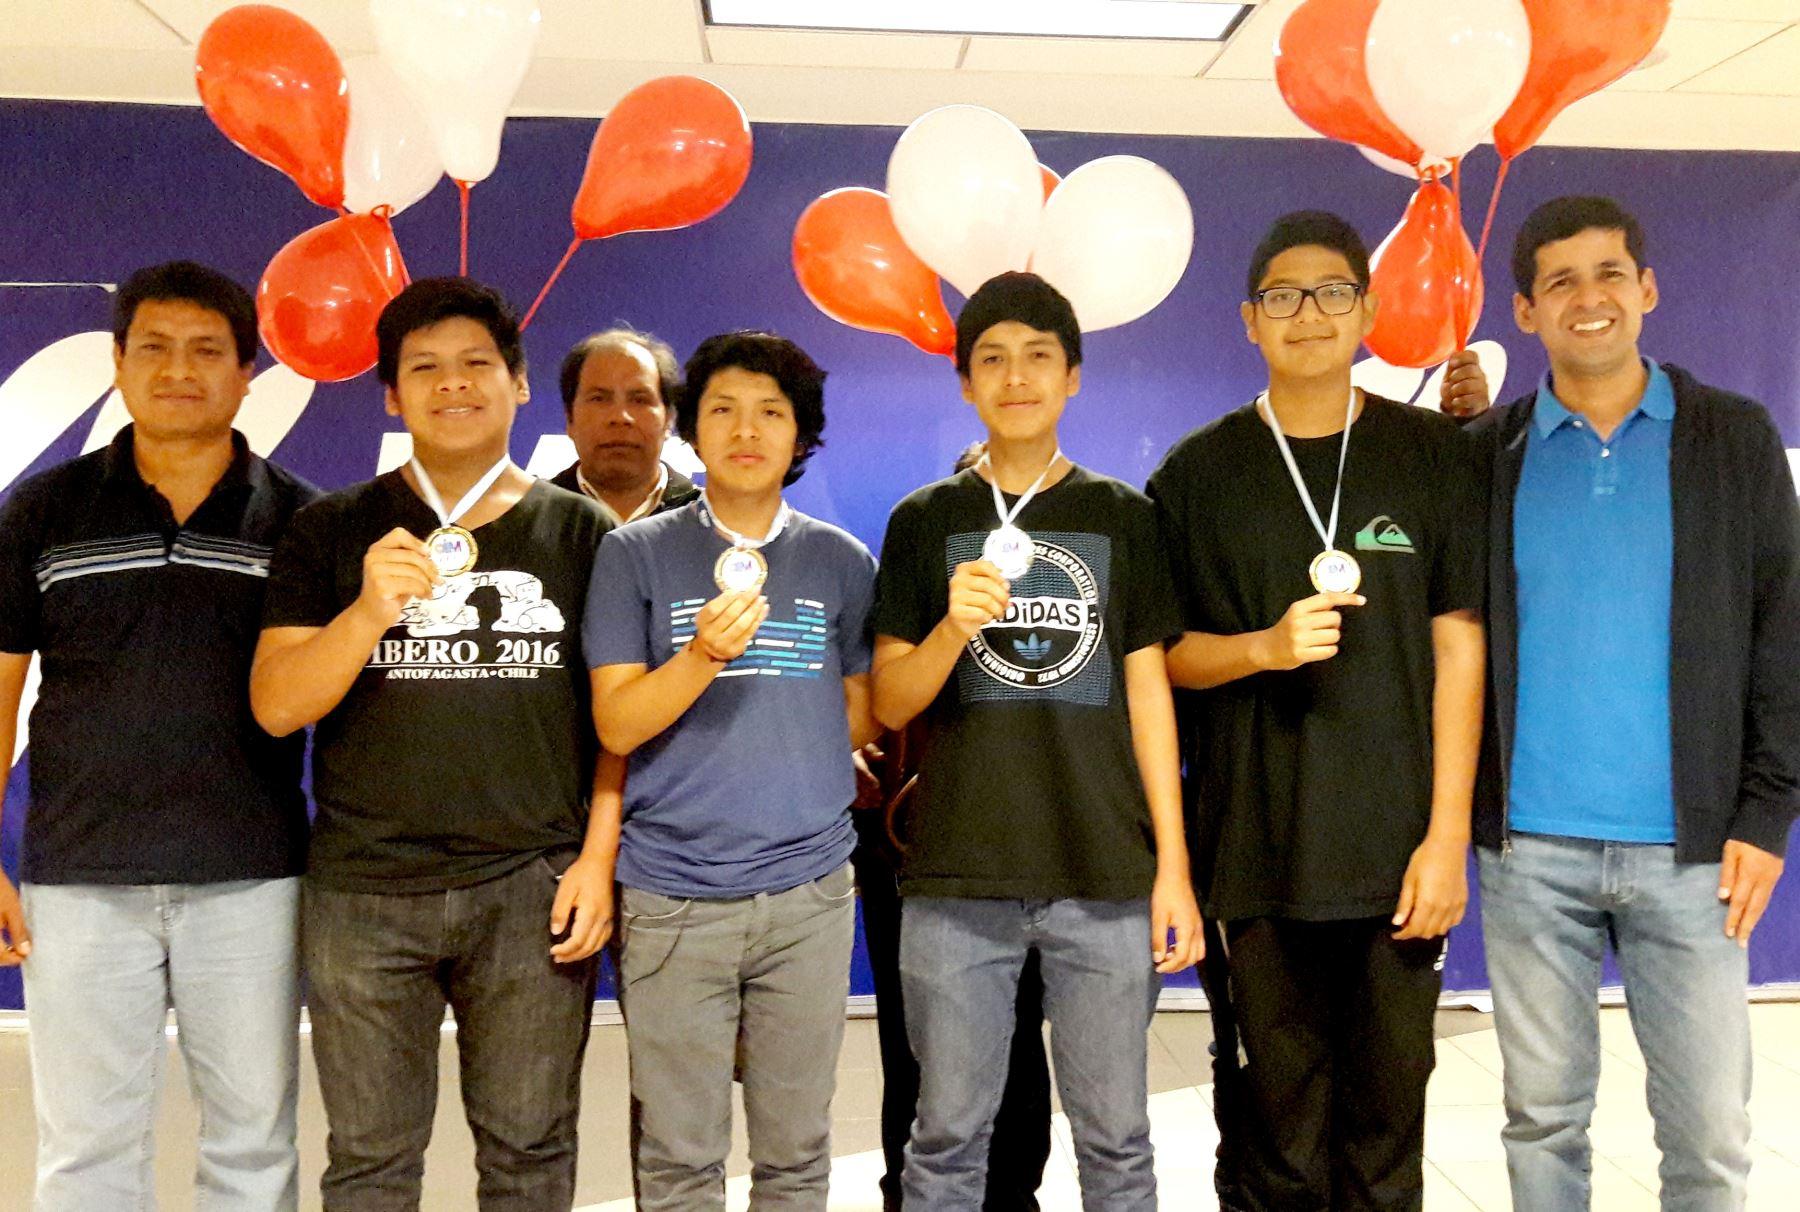 La delegación peruana de matemática arribó al Perú tras campeonar en la Olimpiada Iberoamericana de Matemática en Argentina. Foto: ANDINA/ Difusión